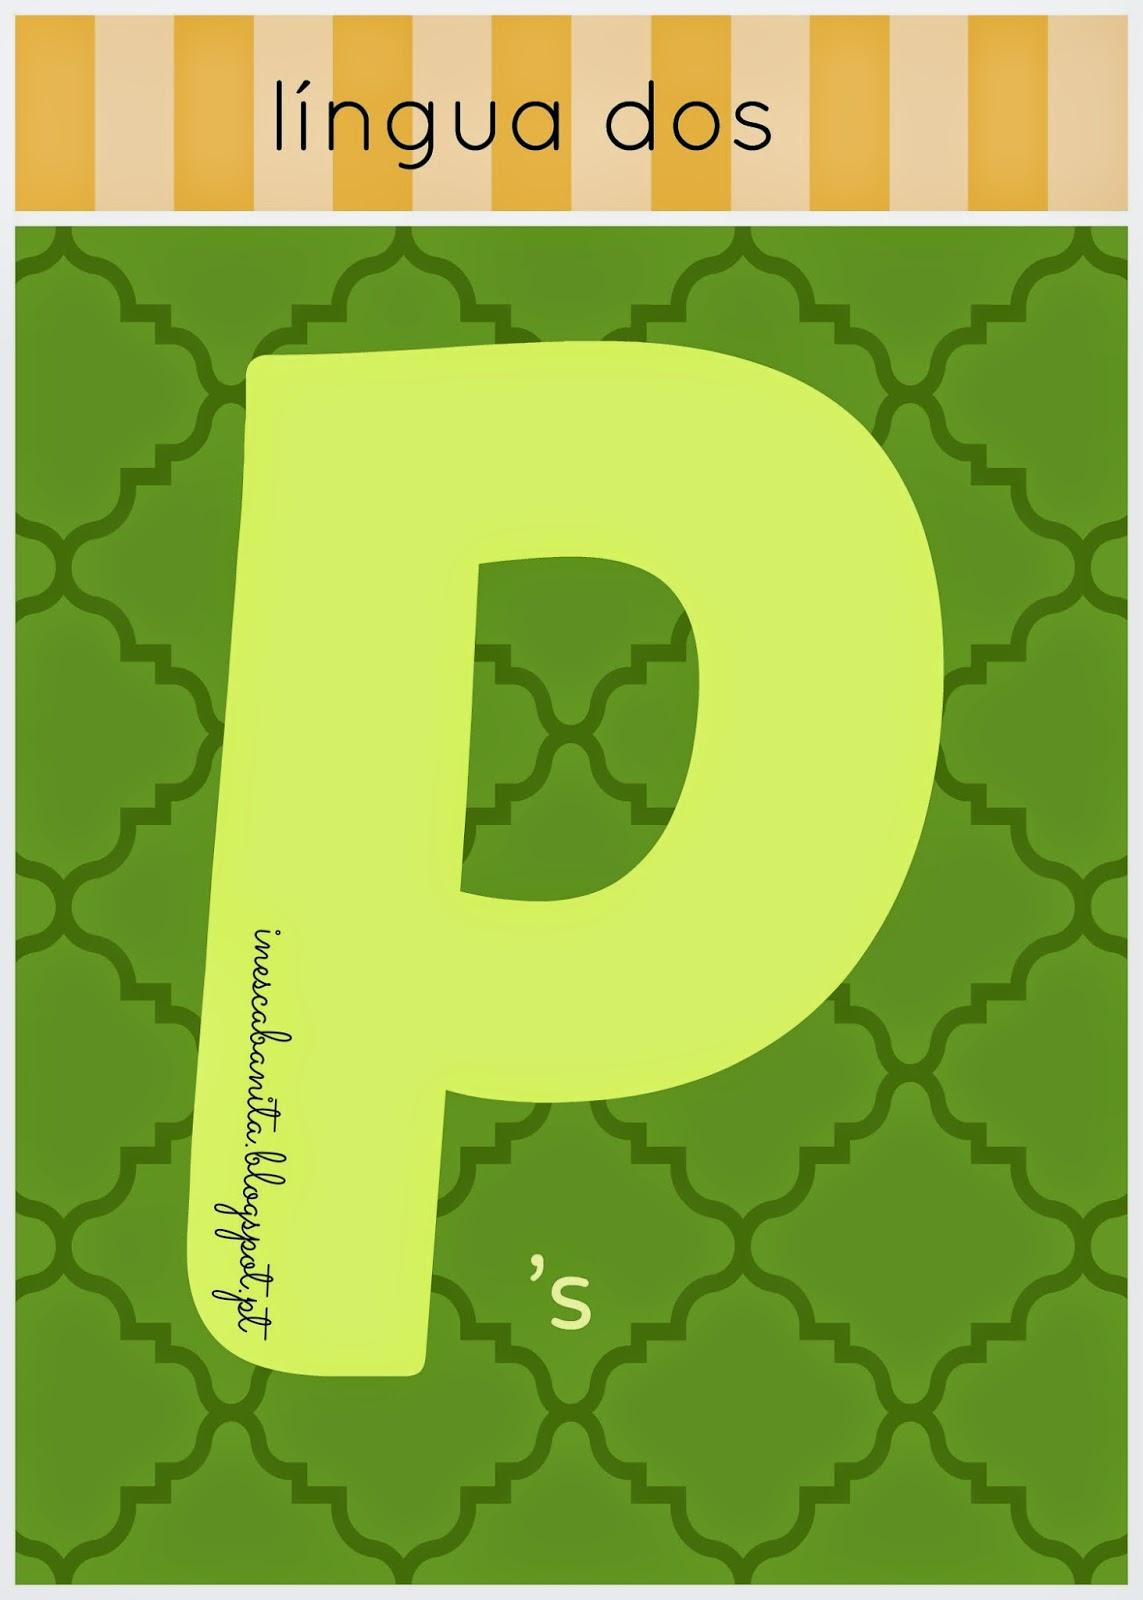 língua dos p's